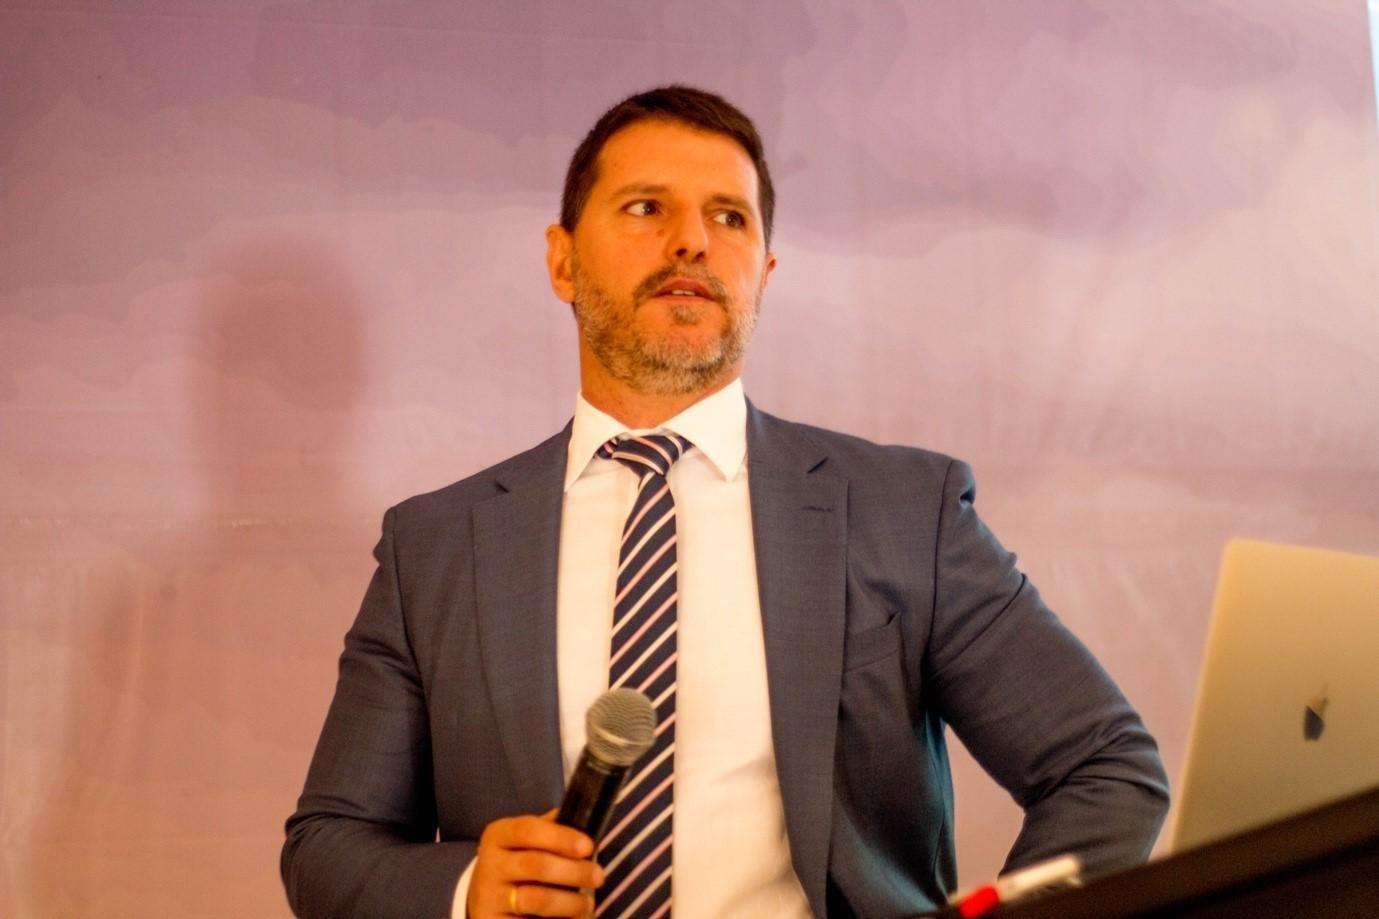 Jose J. Guerra